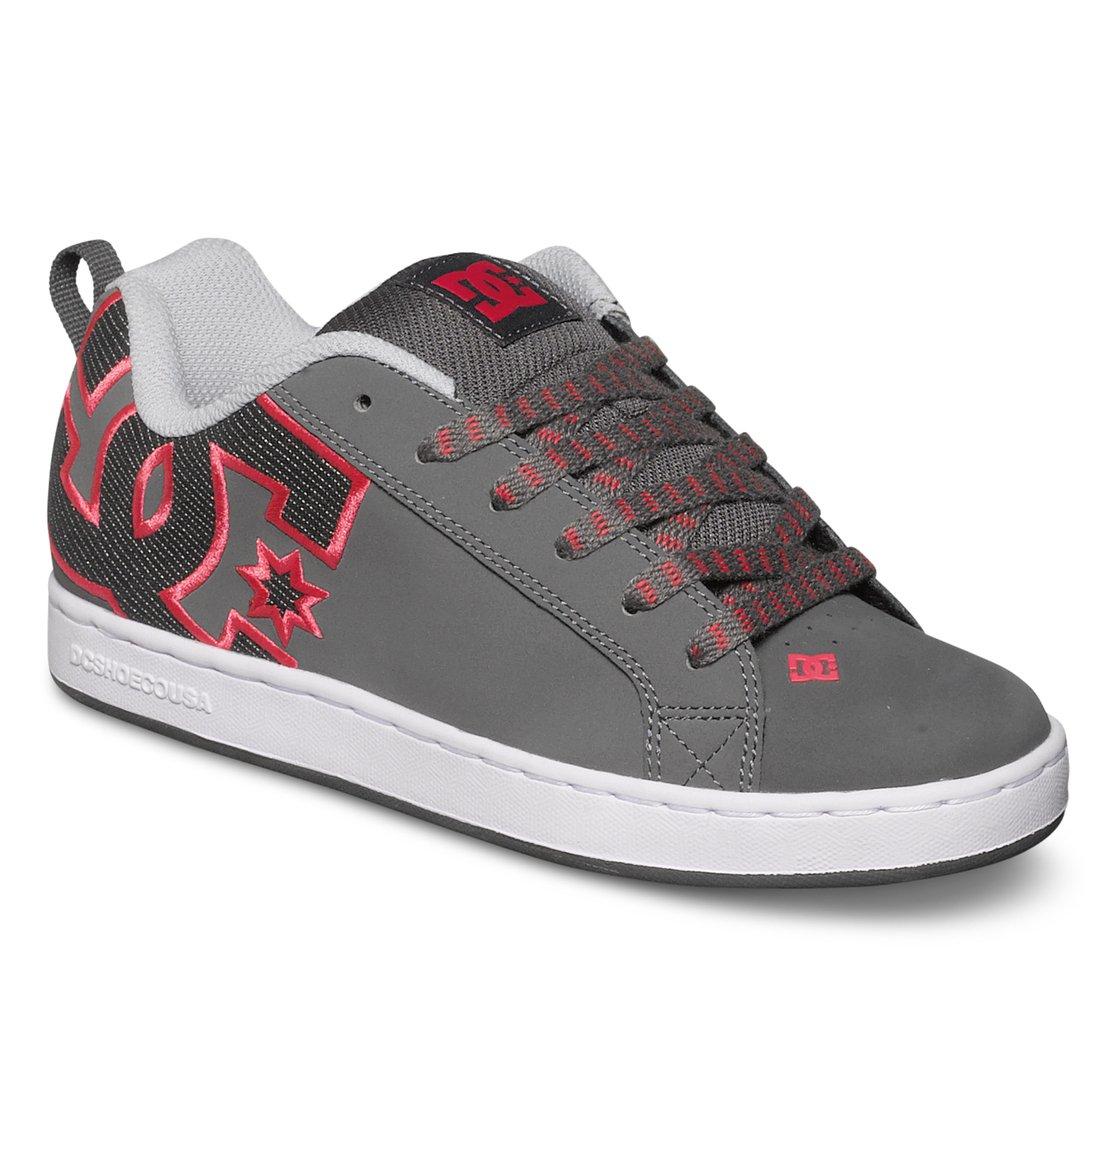 New DC SHOES Court Graffik SE Womens Shoes 203143177  Sneakers